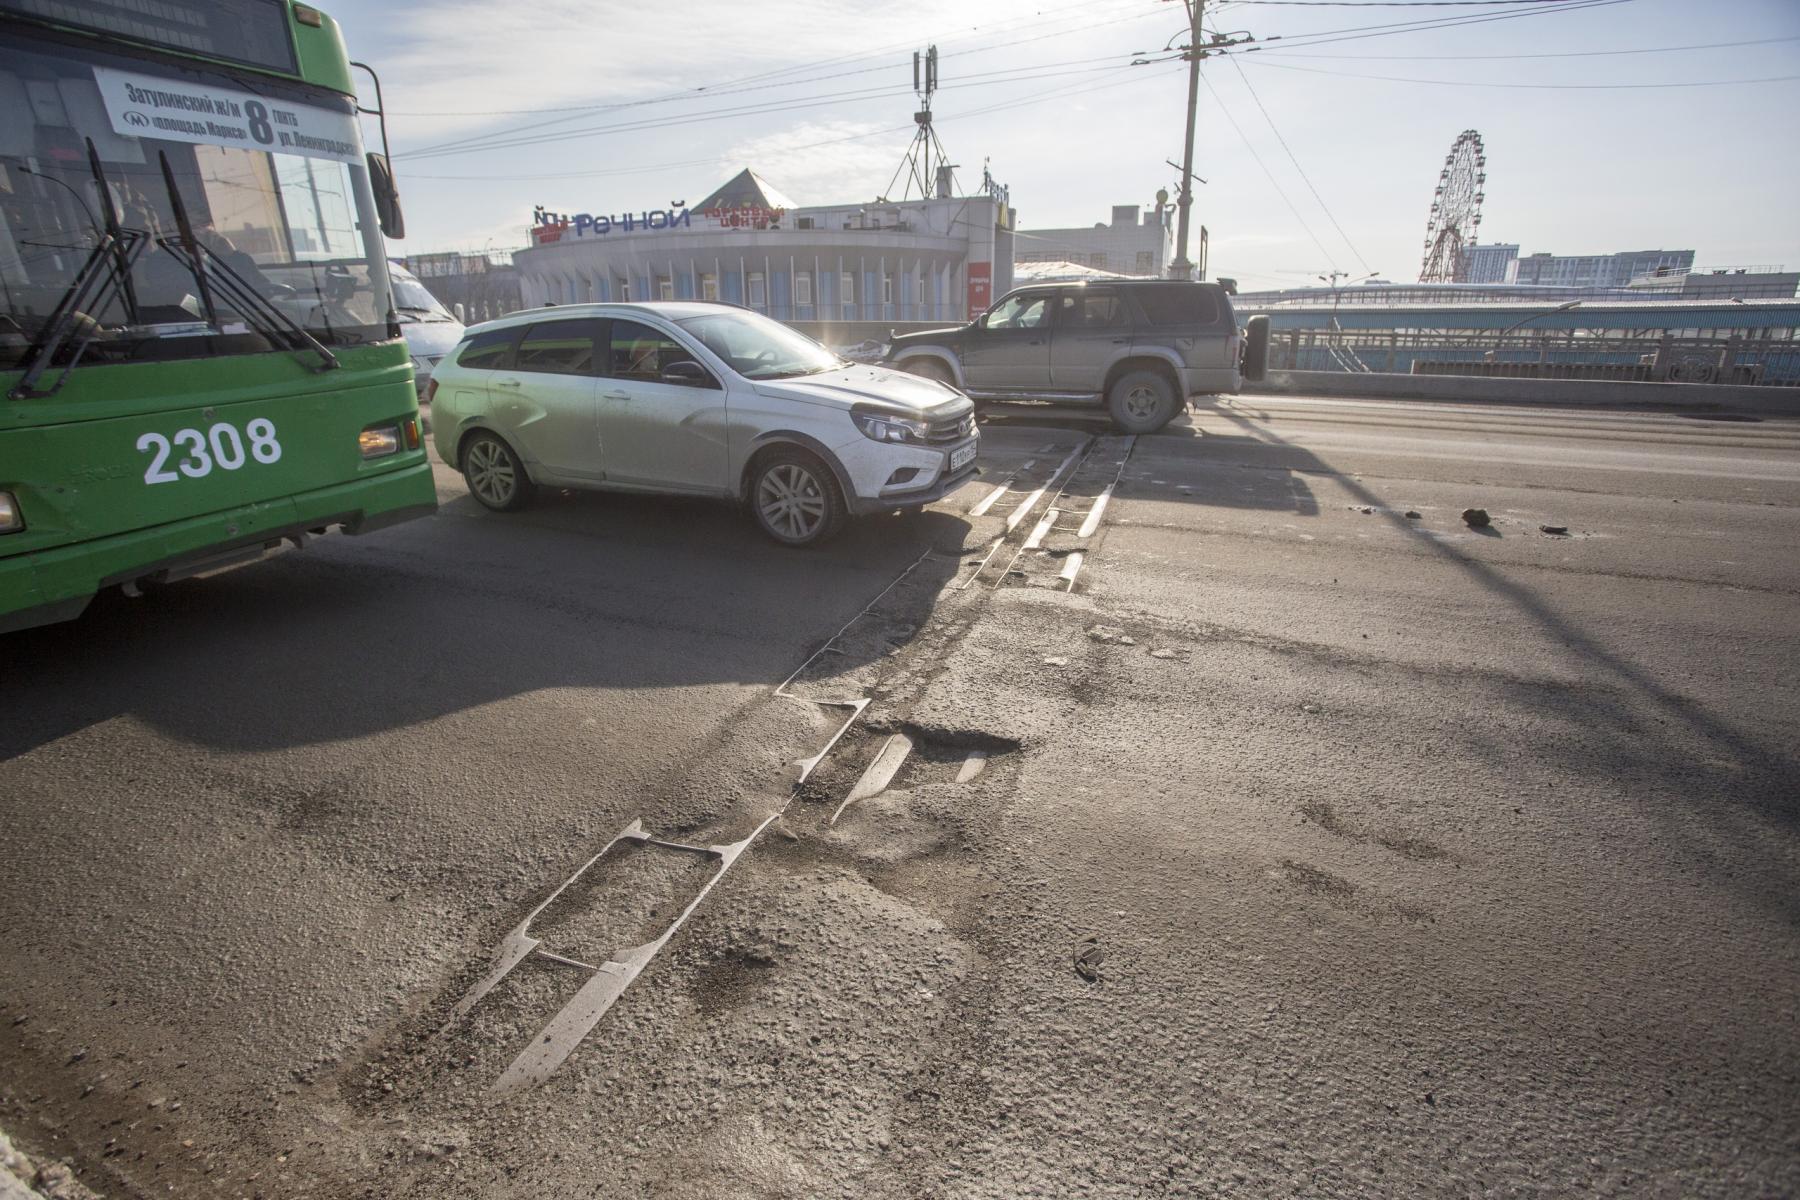 фото «Угадай, в какой луже яма»: состояние дорог в Новосибирске доводит водителей до нецензурщины 5